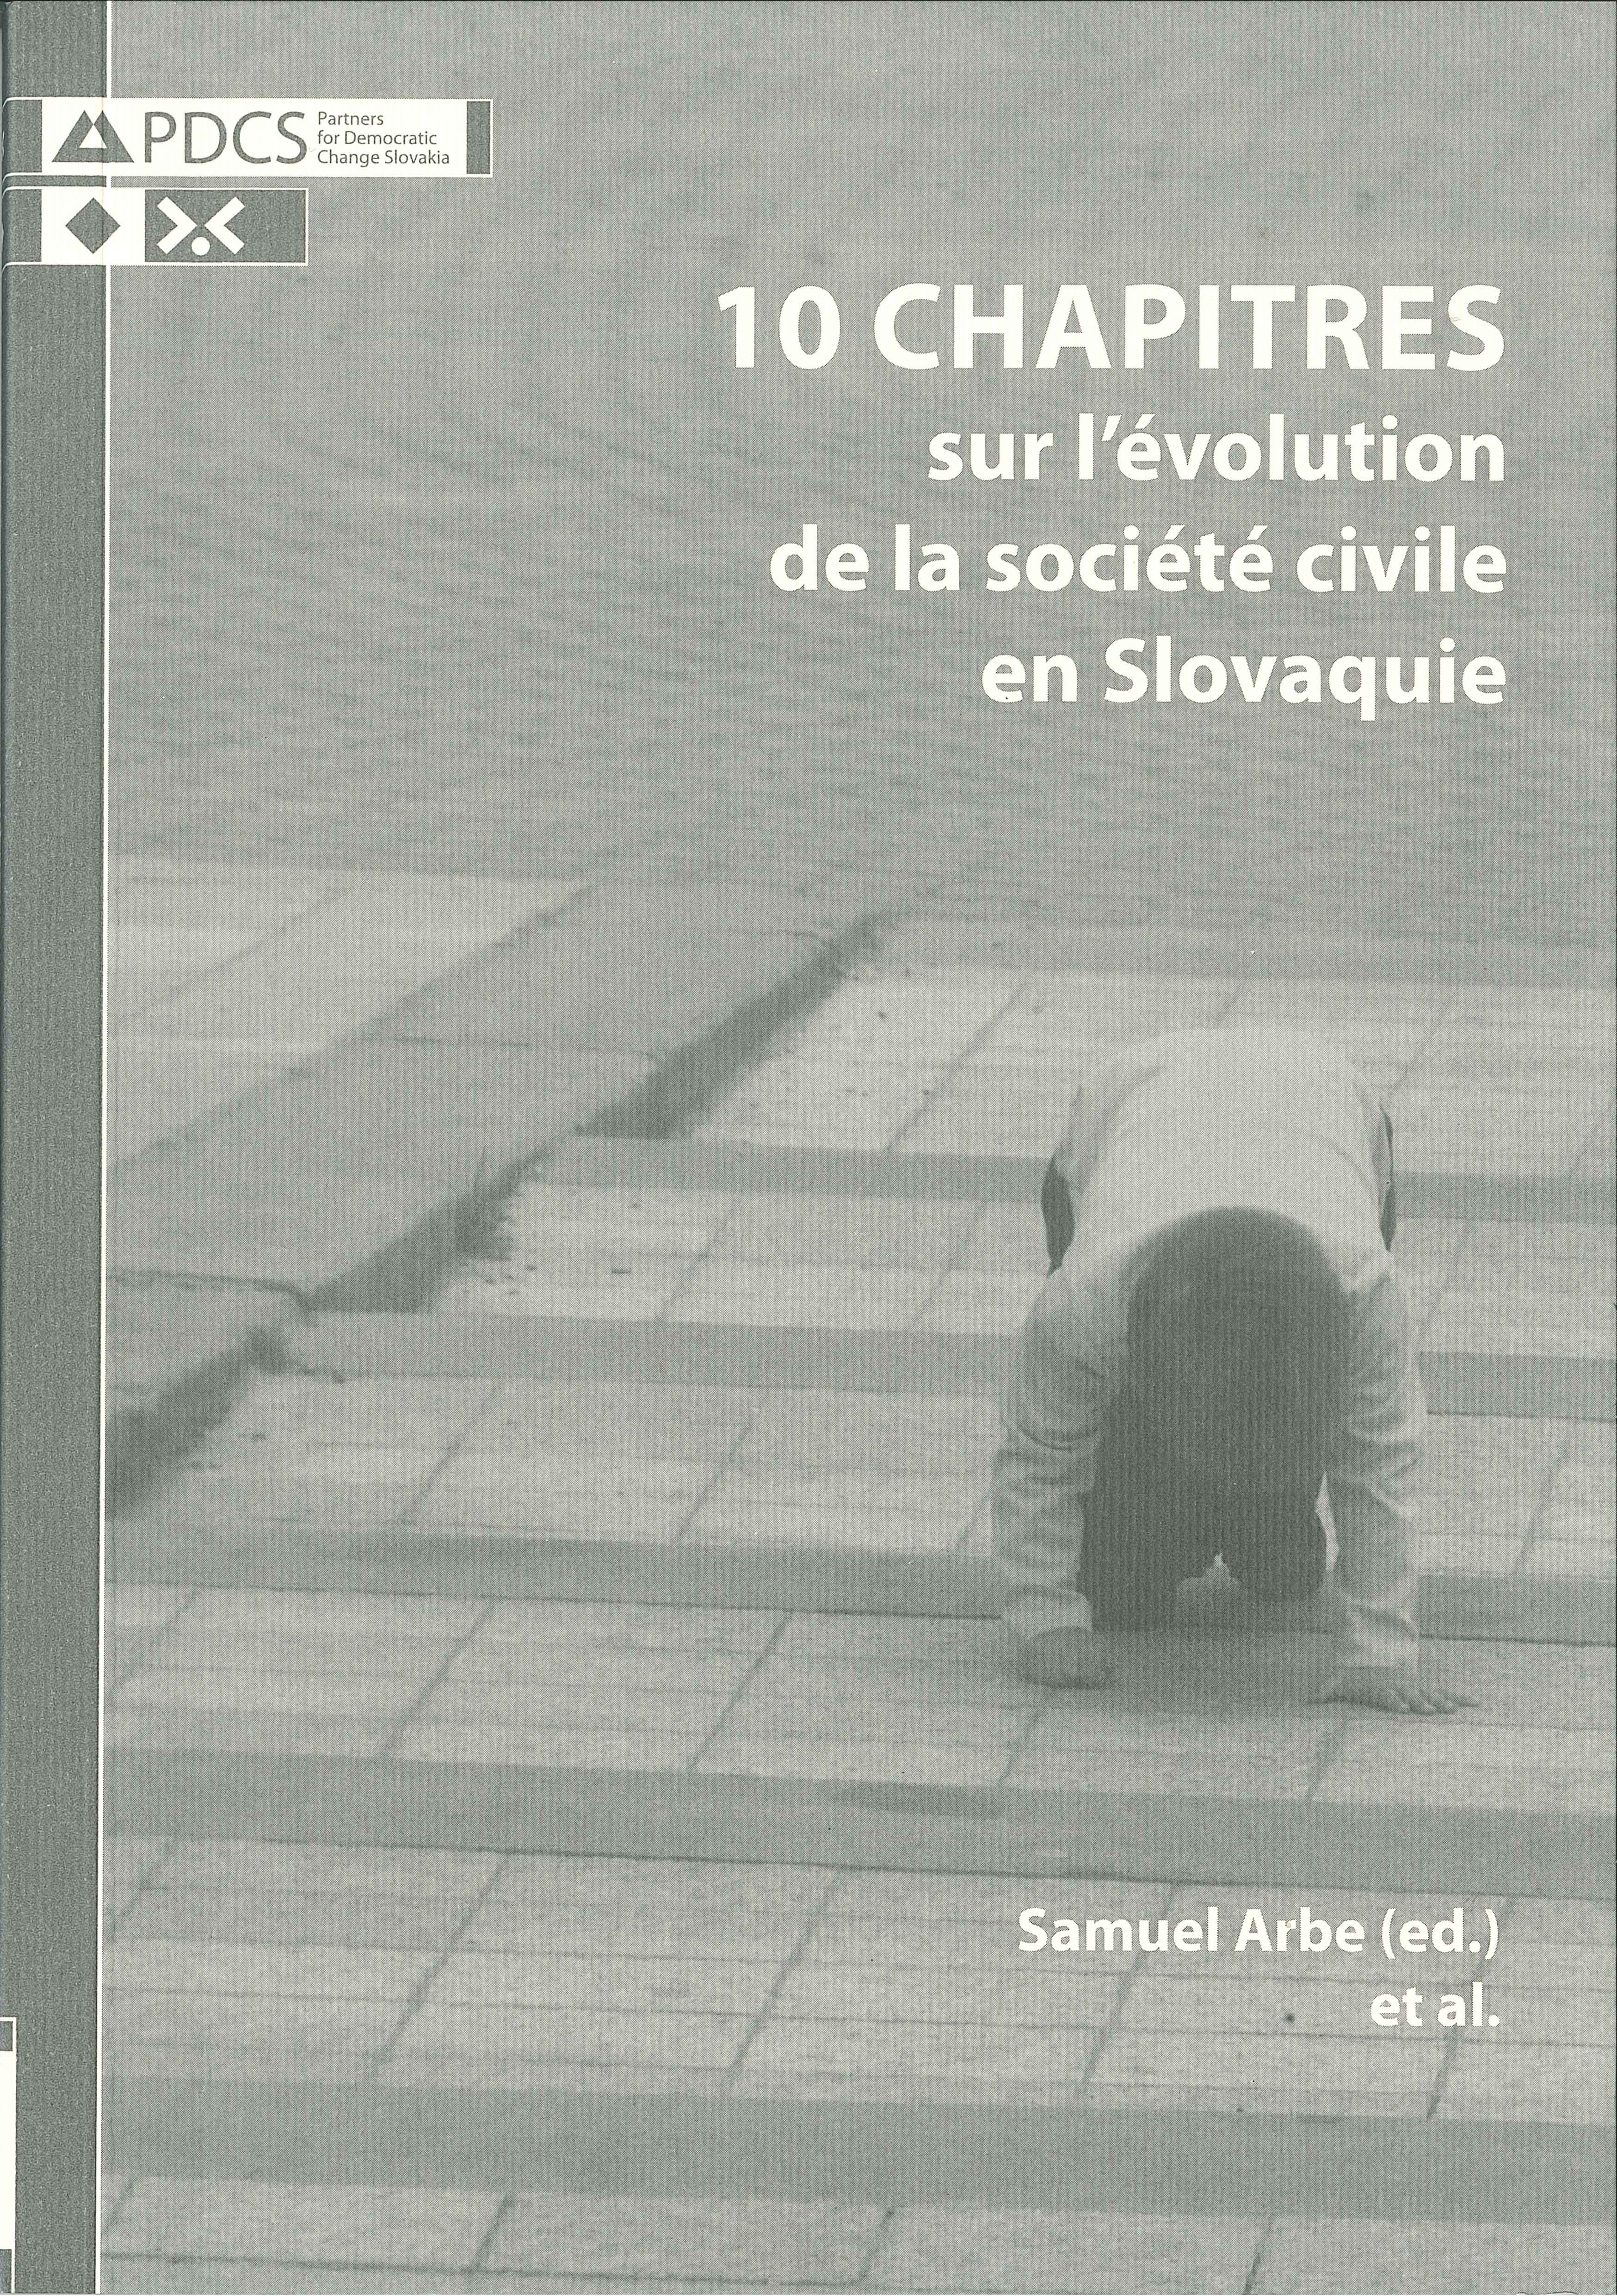 10 chapitres sur l'évolution de la société civile en Slovaquie